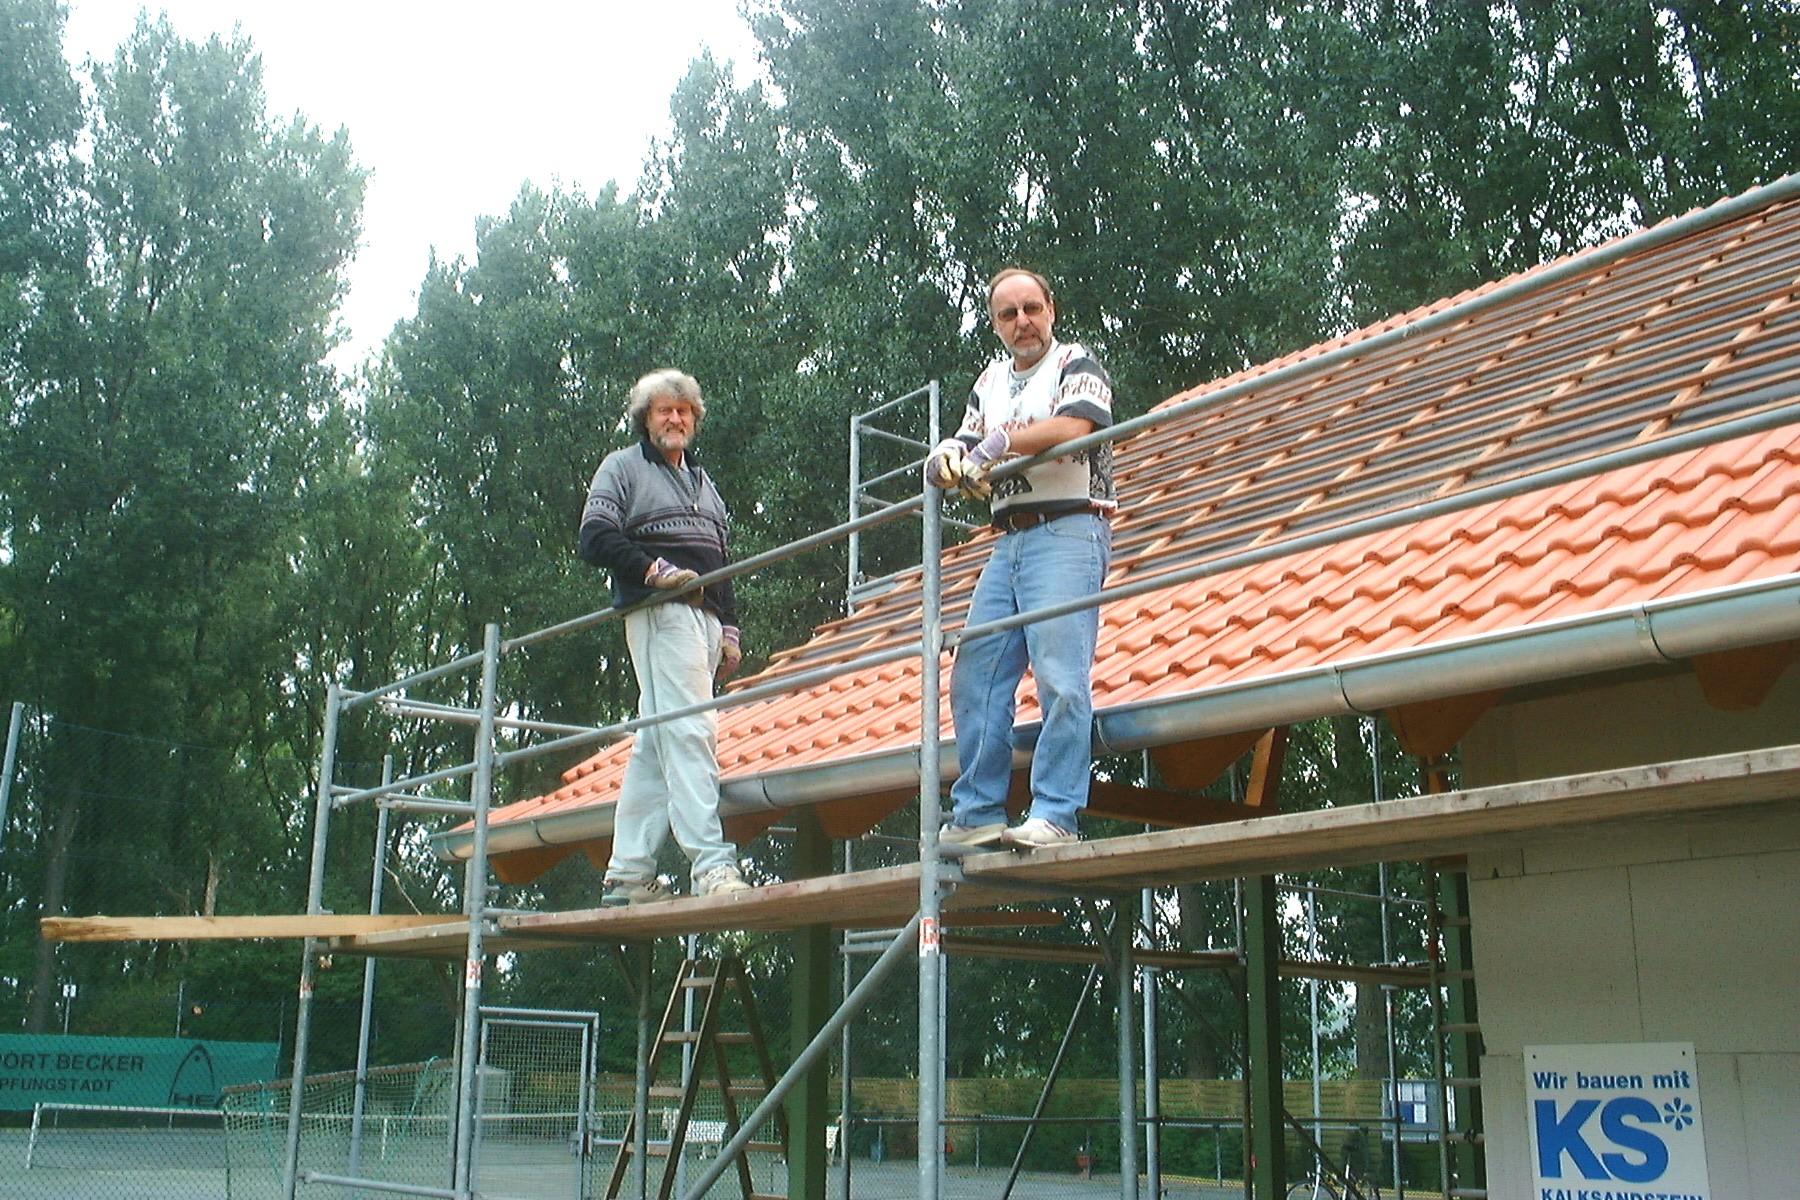 Dachdecken 2